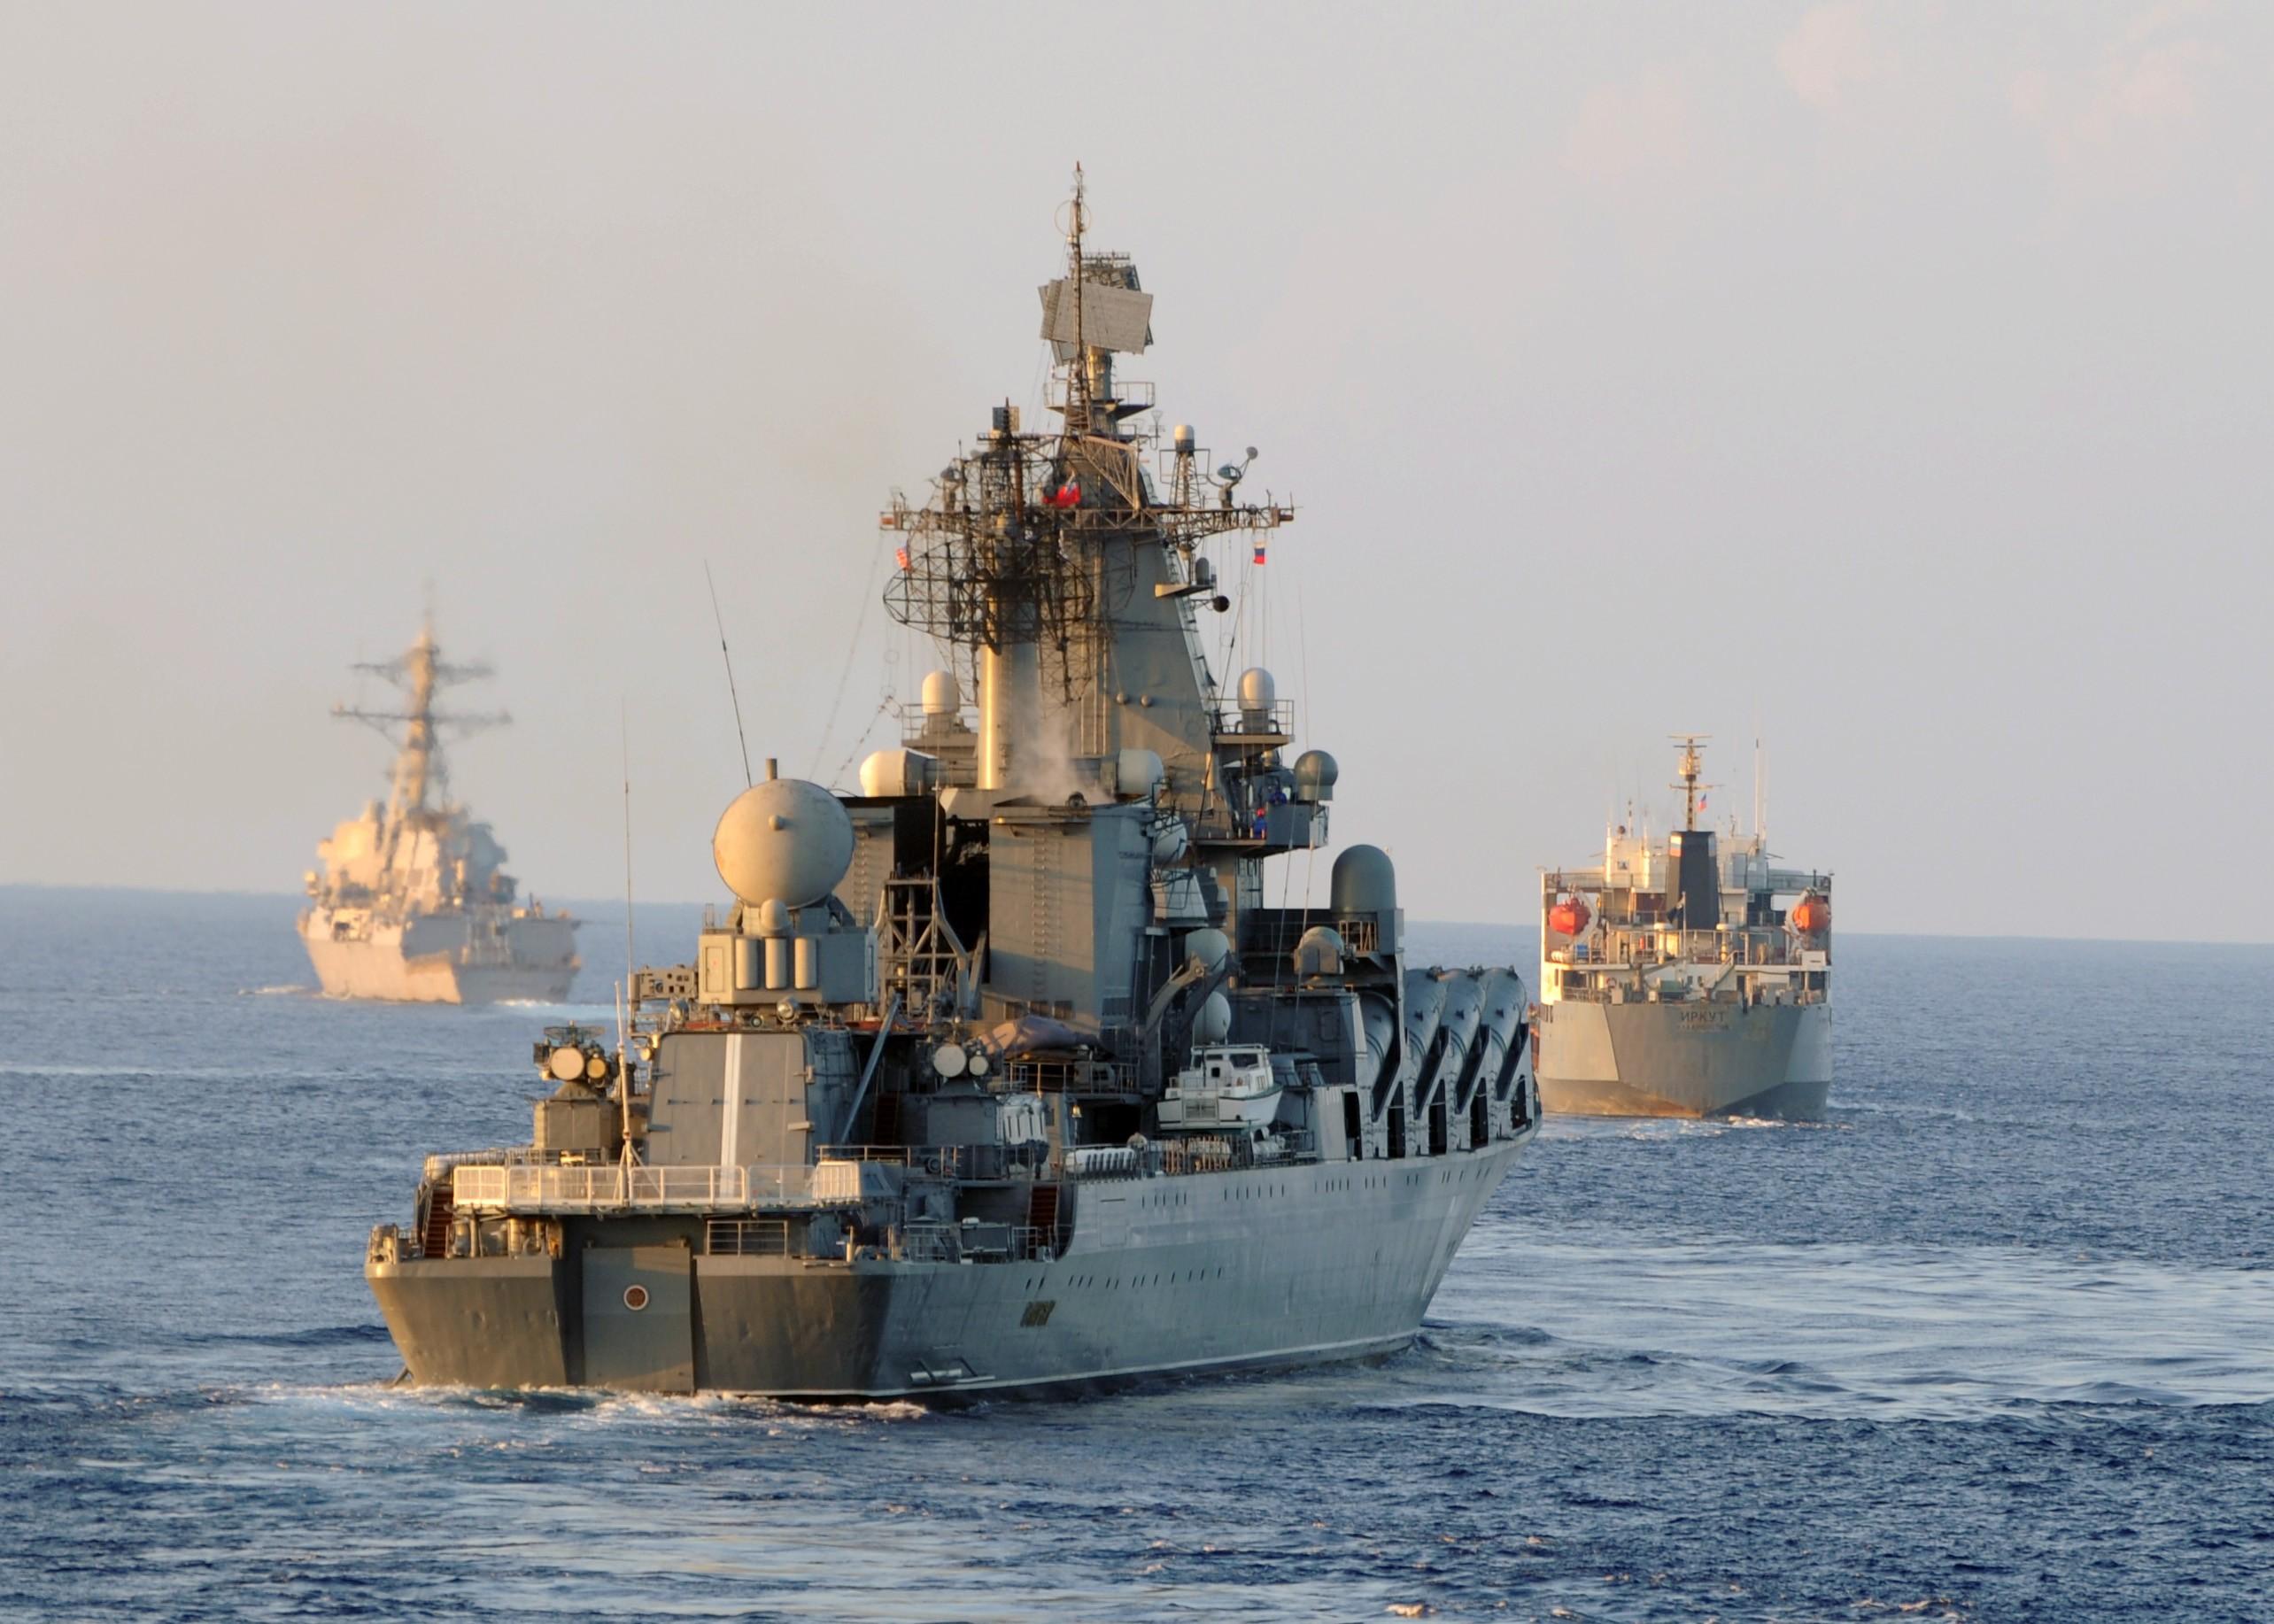 корабли военно морского флота россии фото блоге астролога